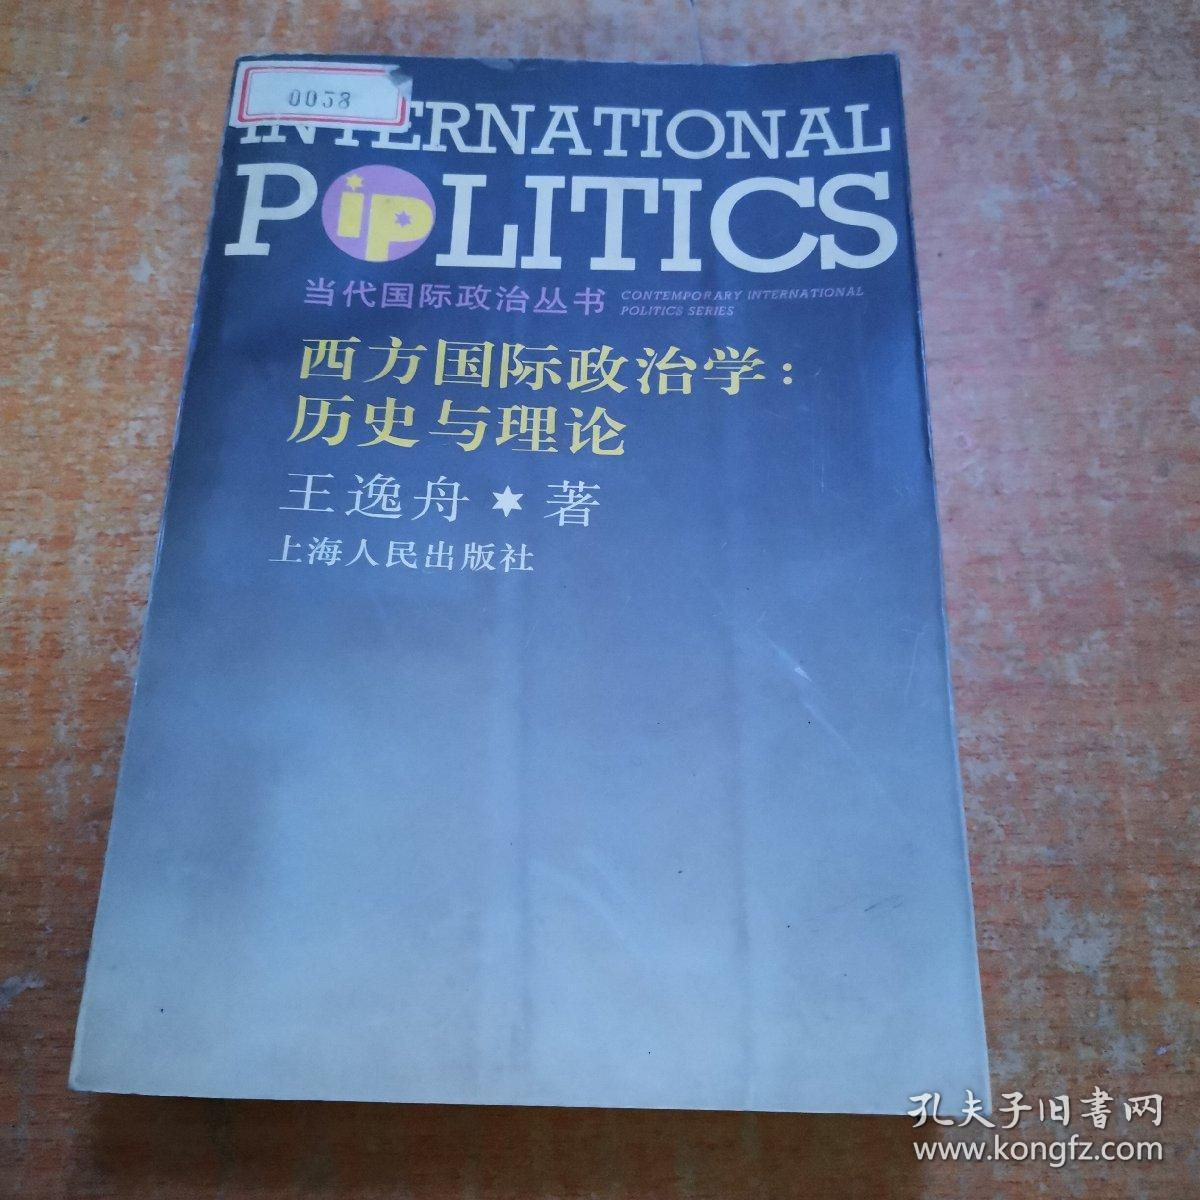 西方国际政治学:历史与理论 有少许划线不影响阅读